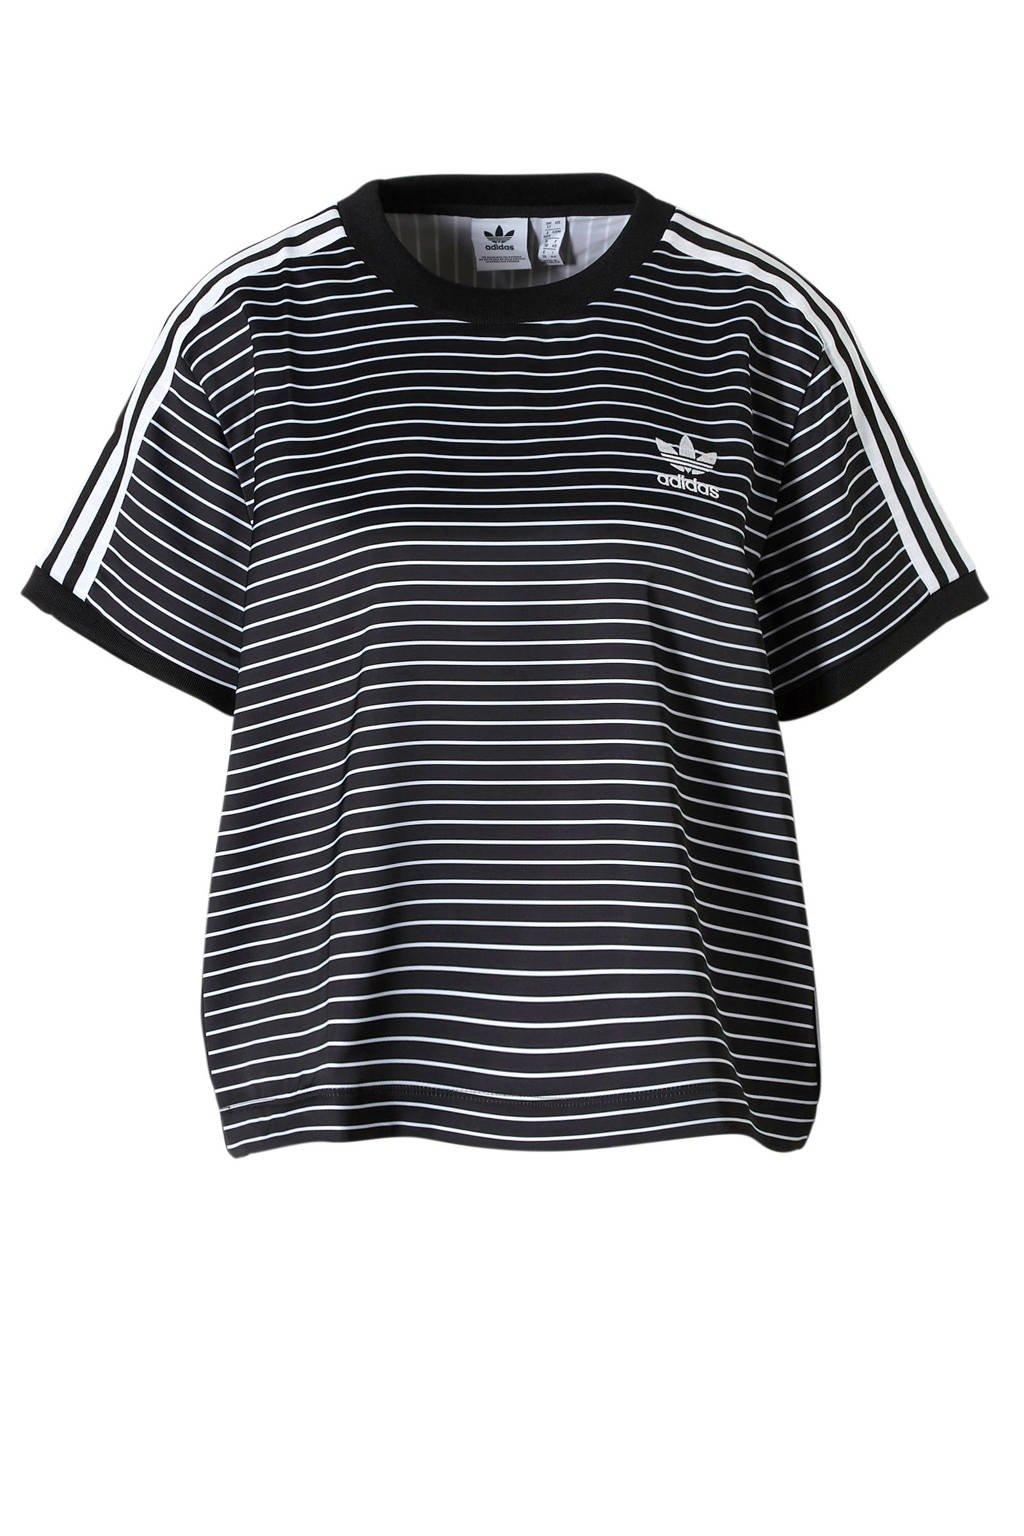 adidas originals originals T-shirt met strepen zwart/wit, Zwart/wit